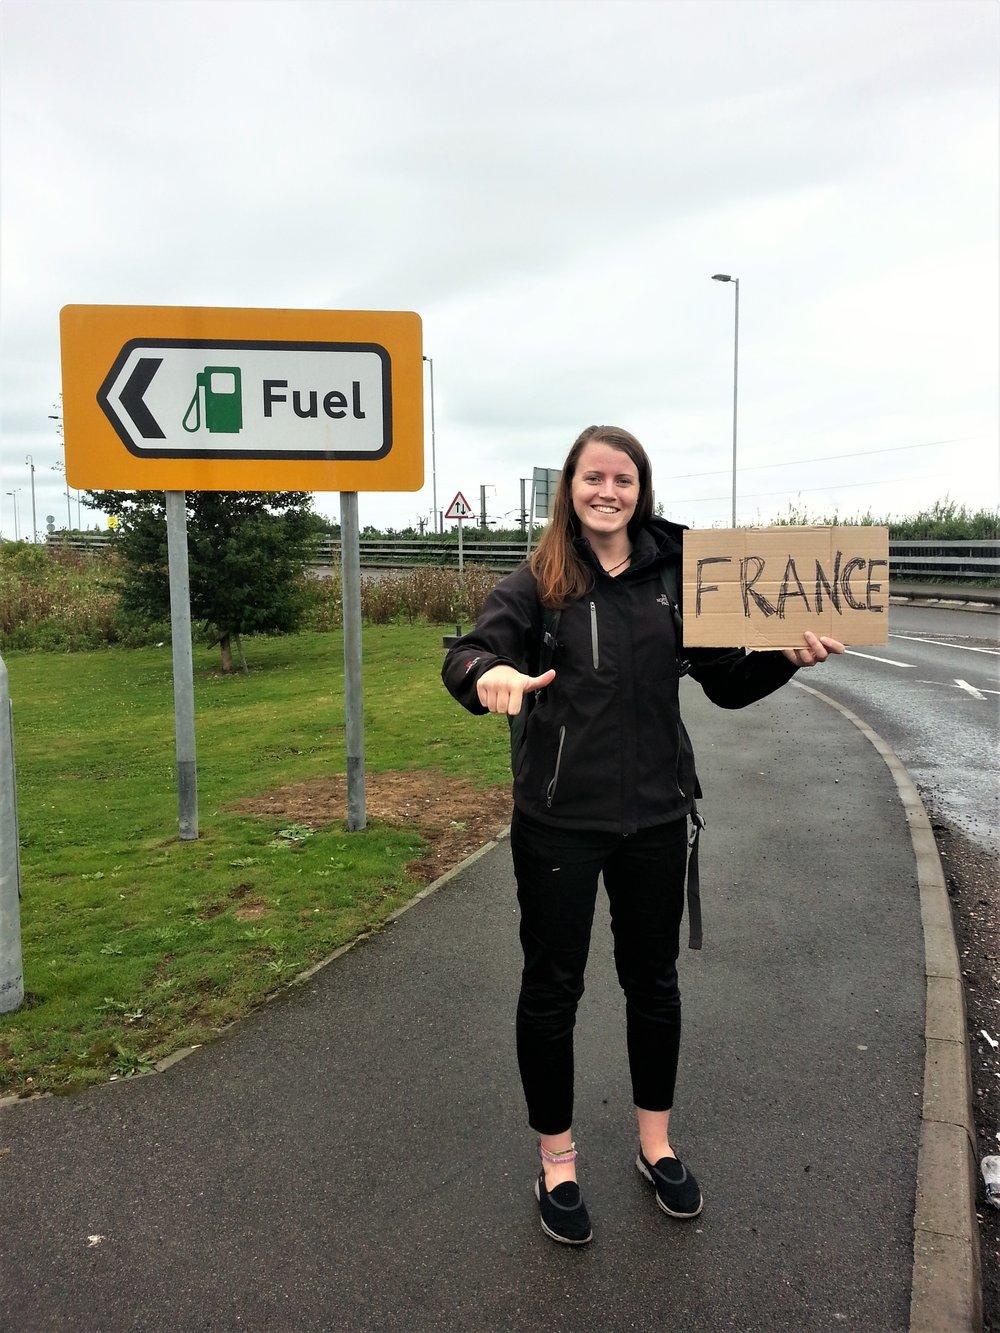 UK Europe hitchhiking.jpg